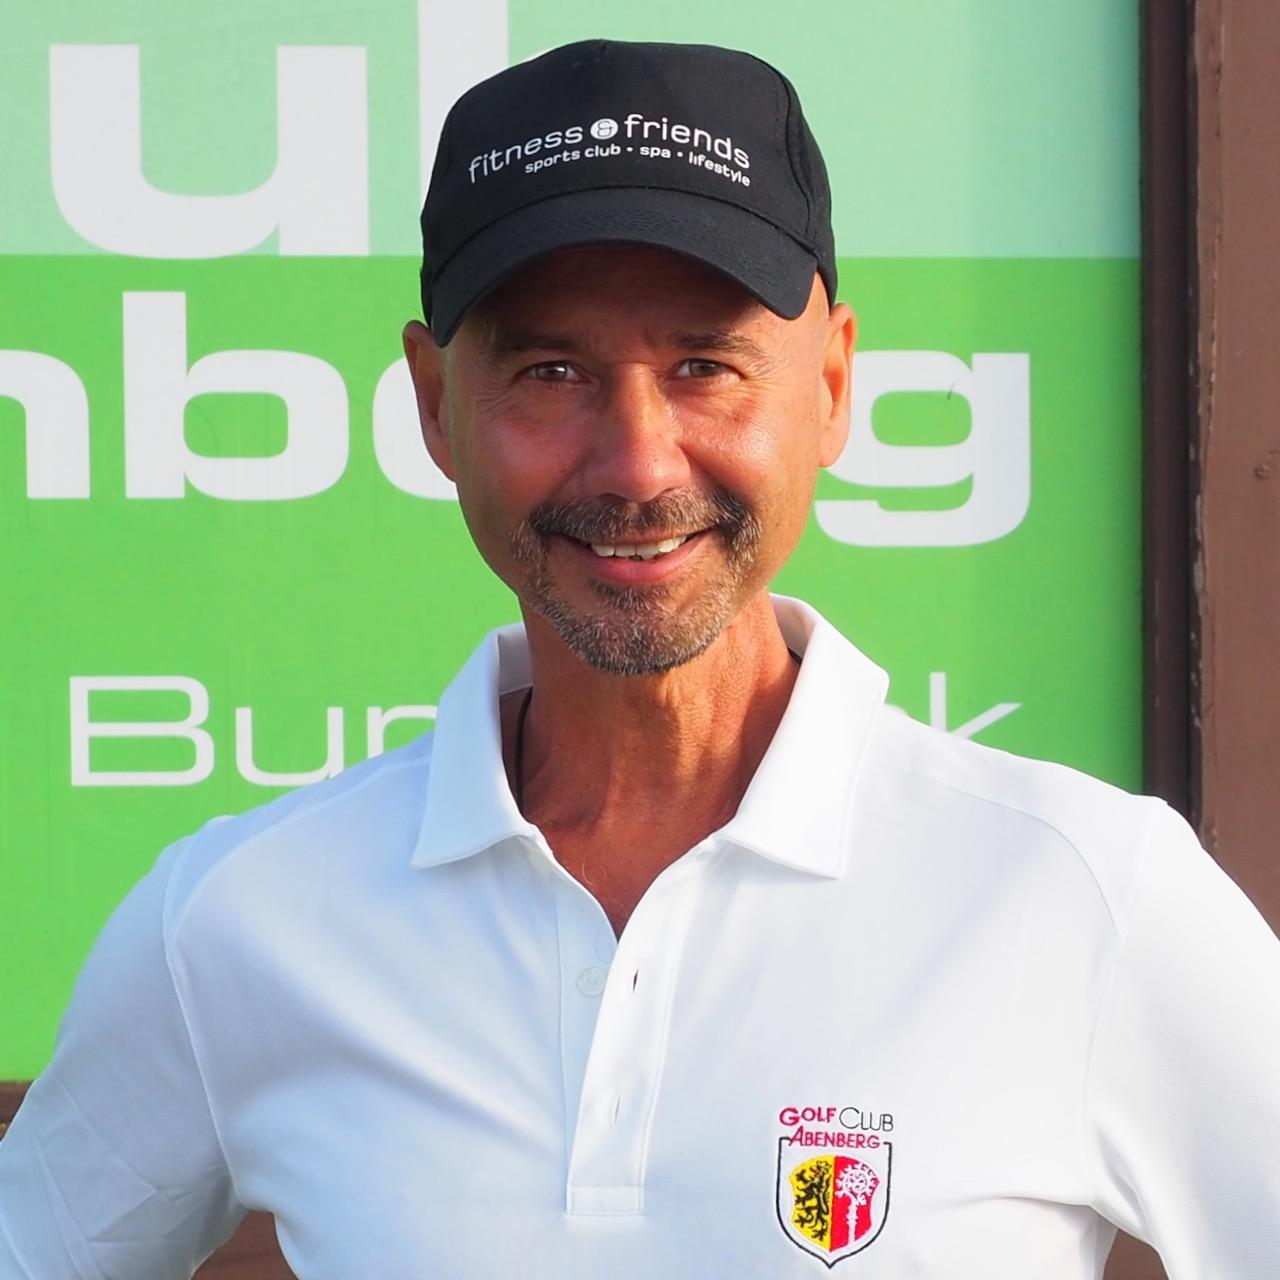 Golfclub Abenberg auf und im Herzen